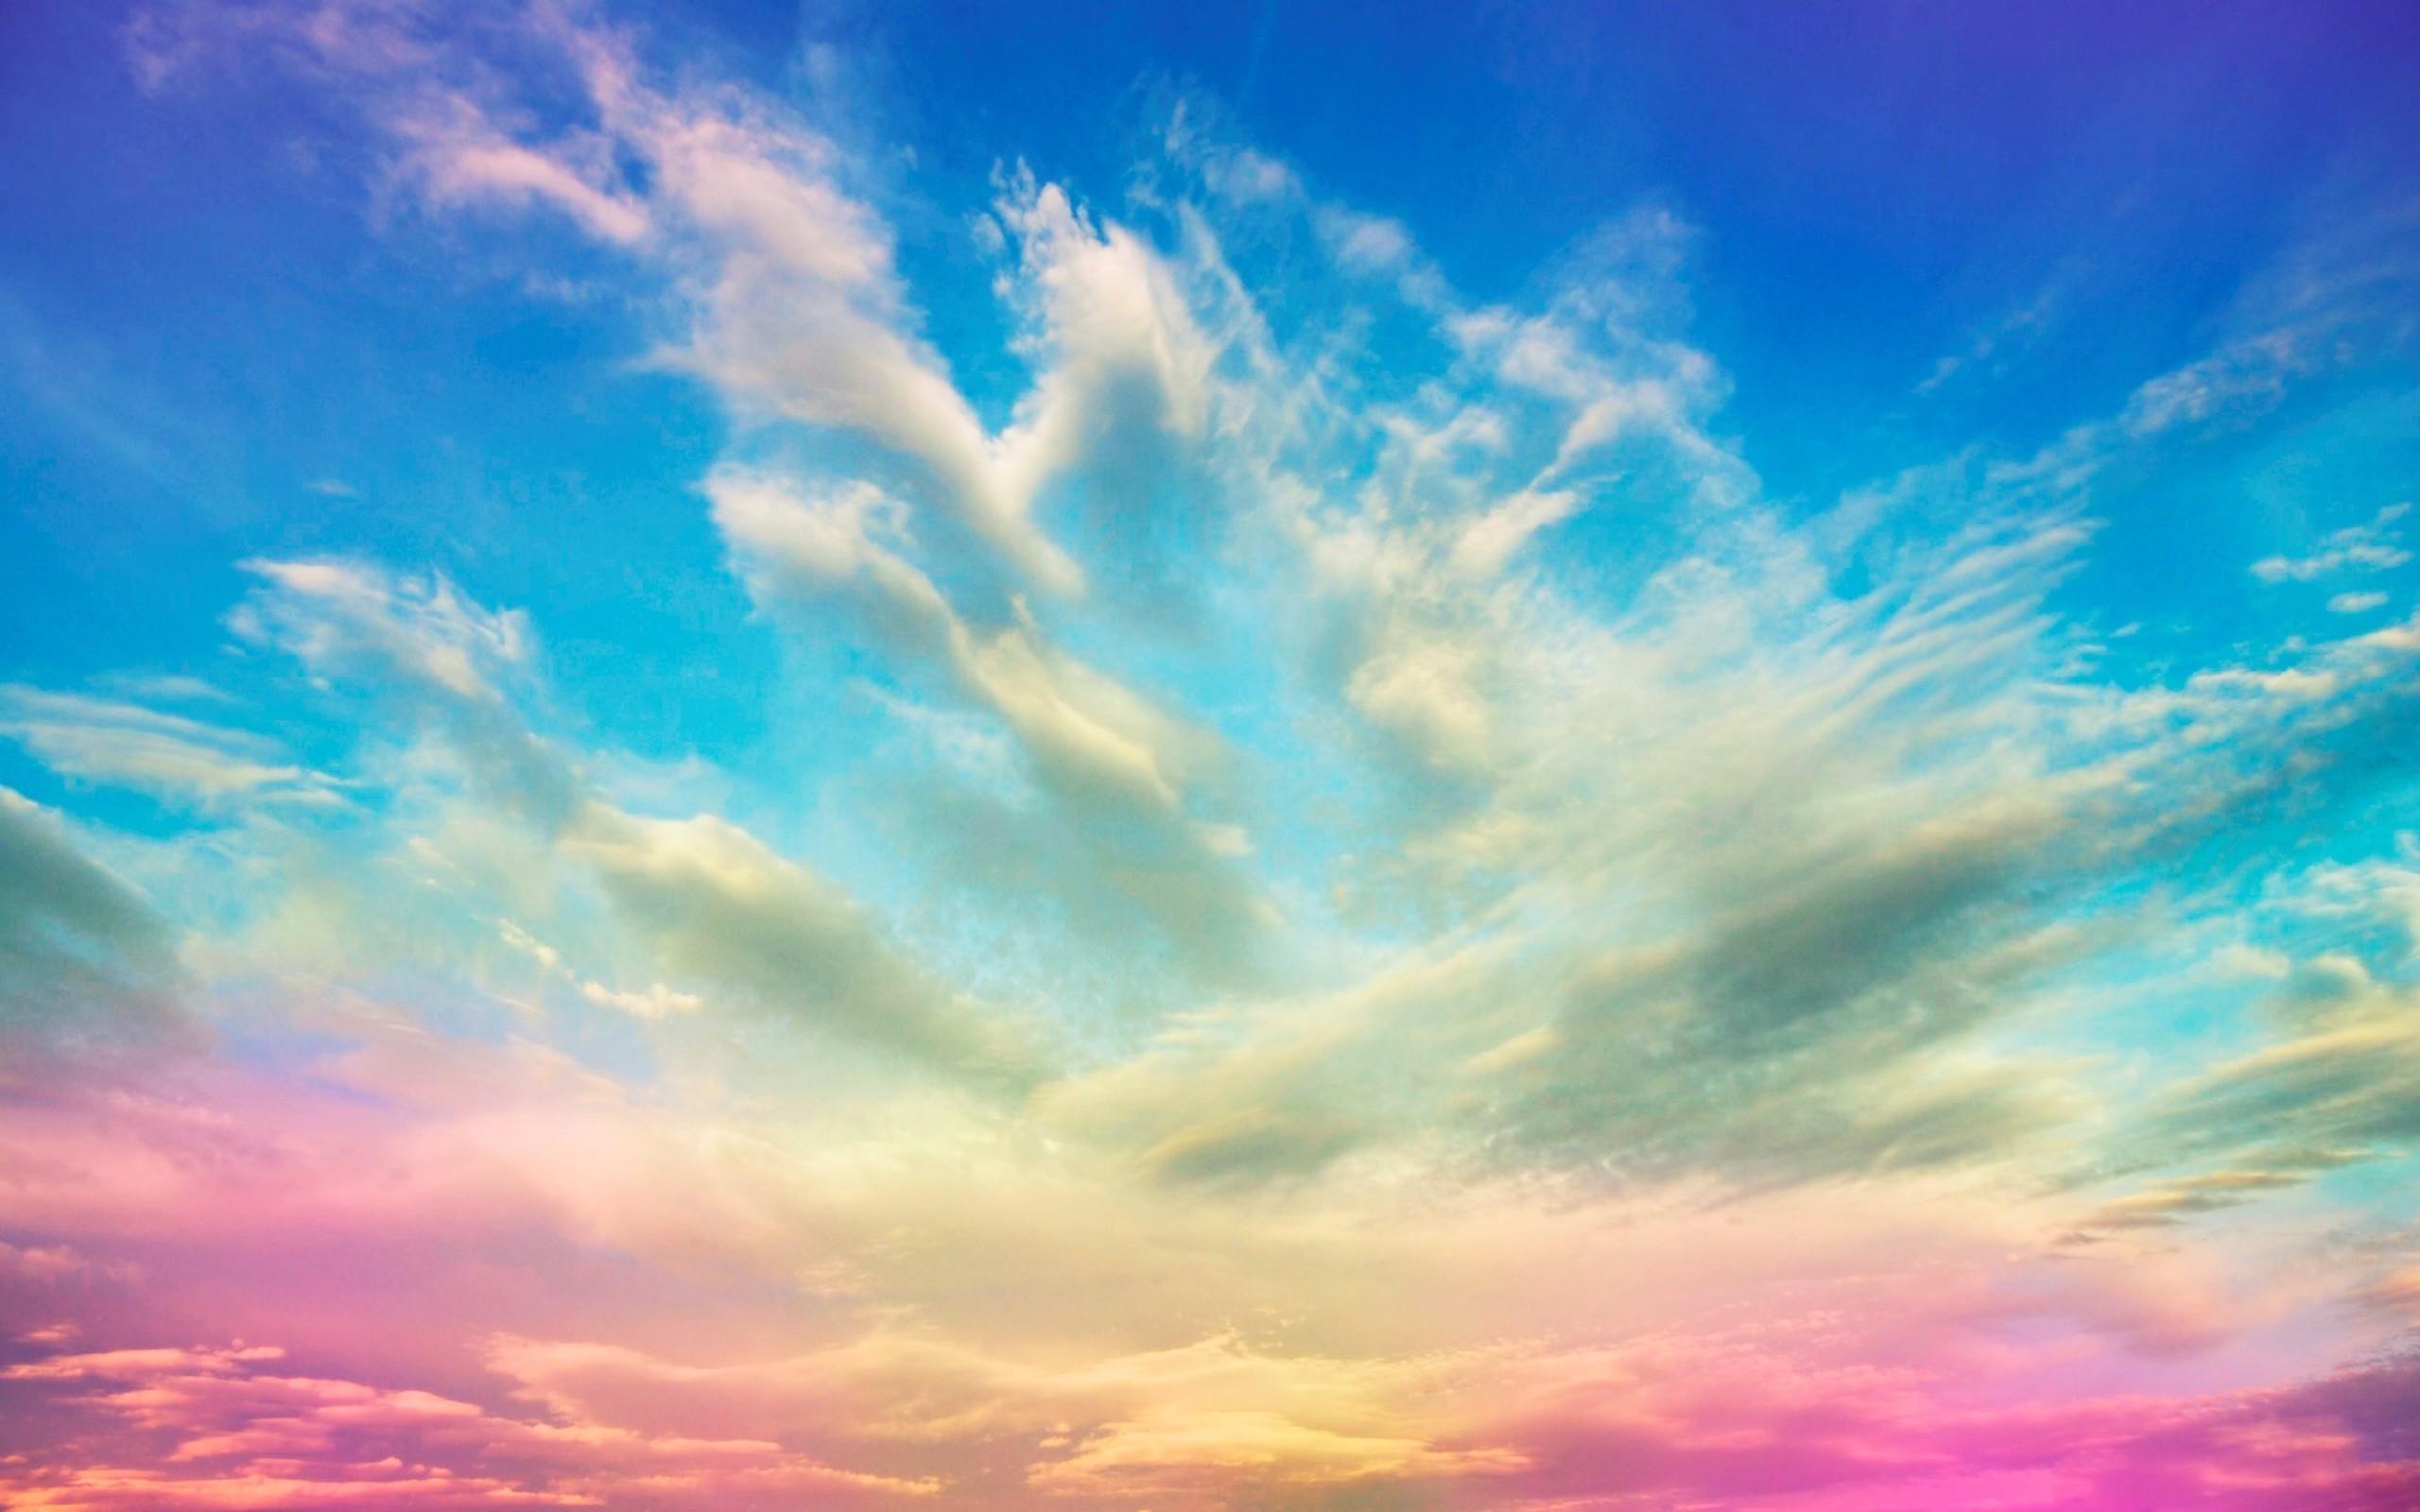 Un cielo de colores - 2560x1600